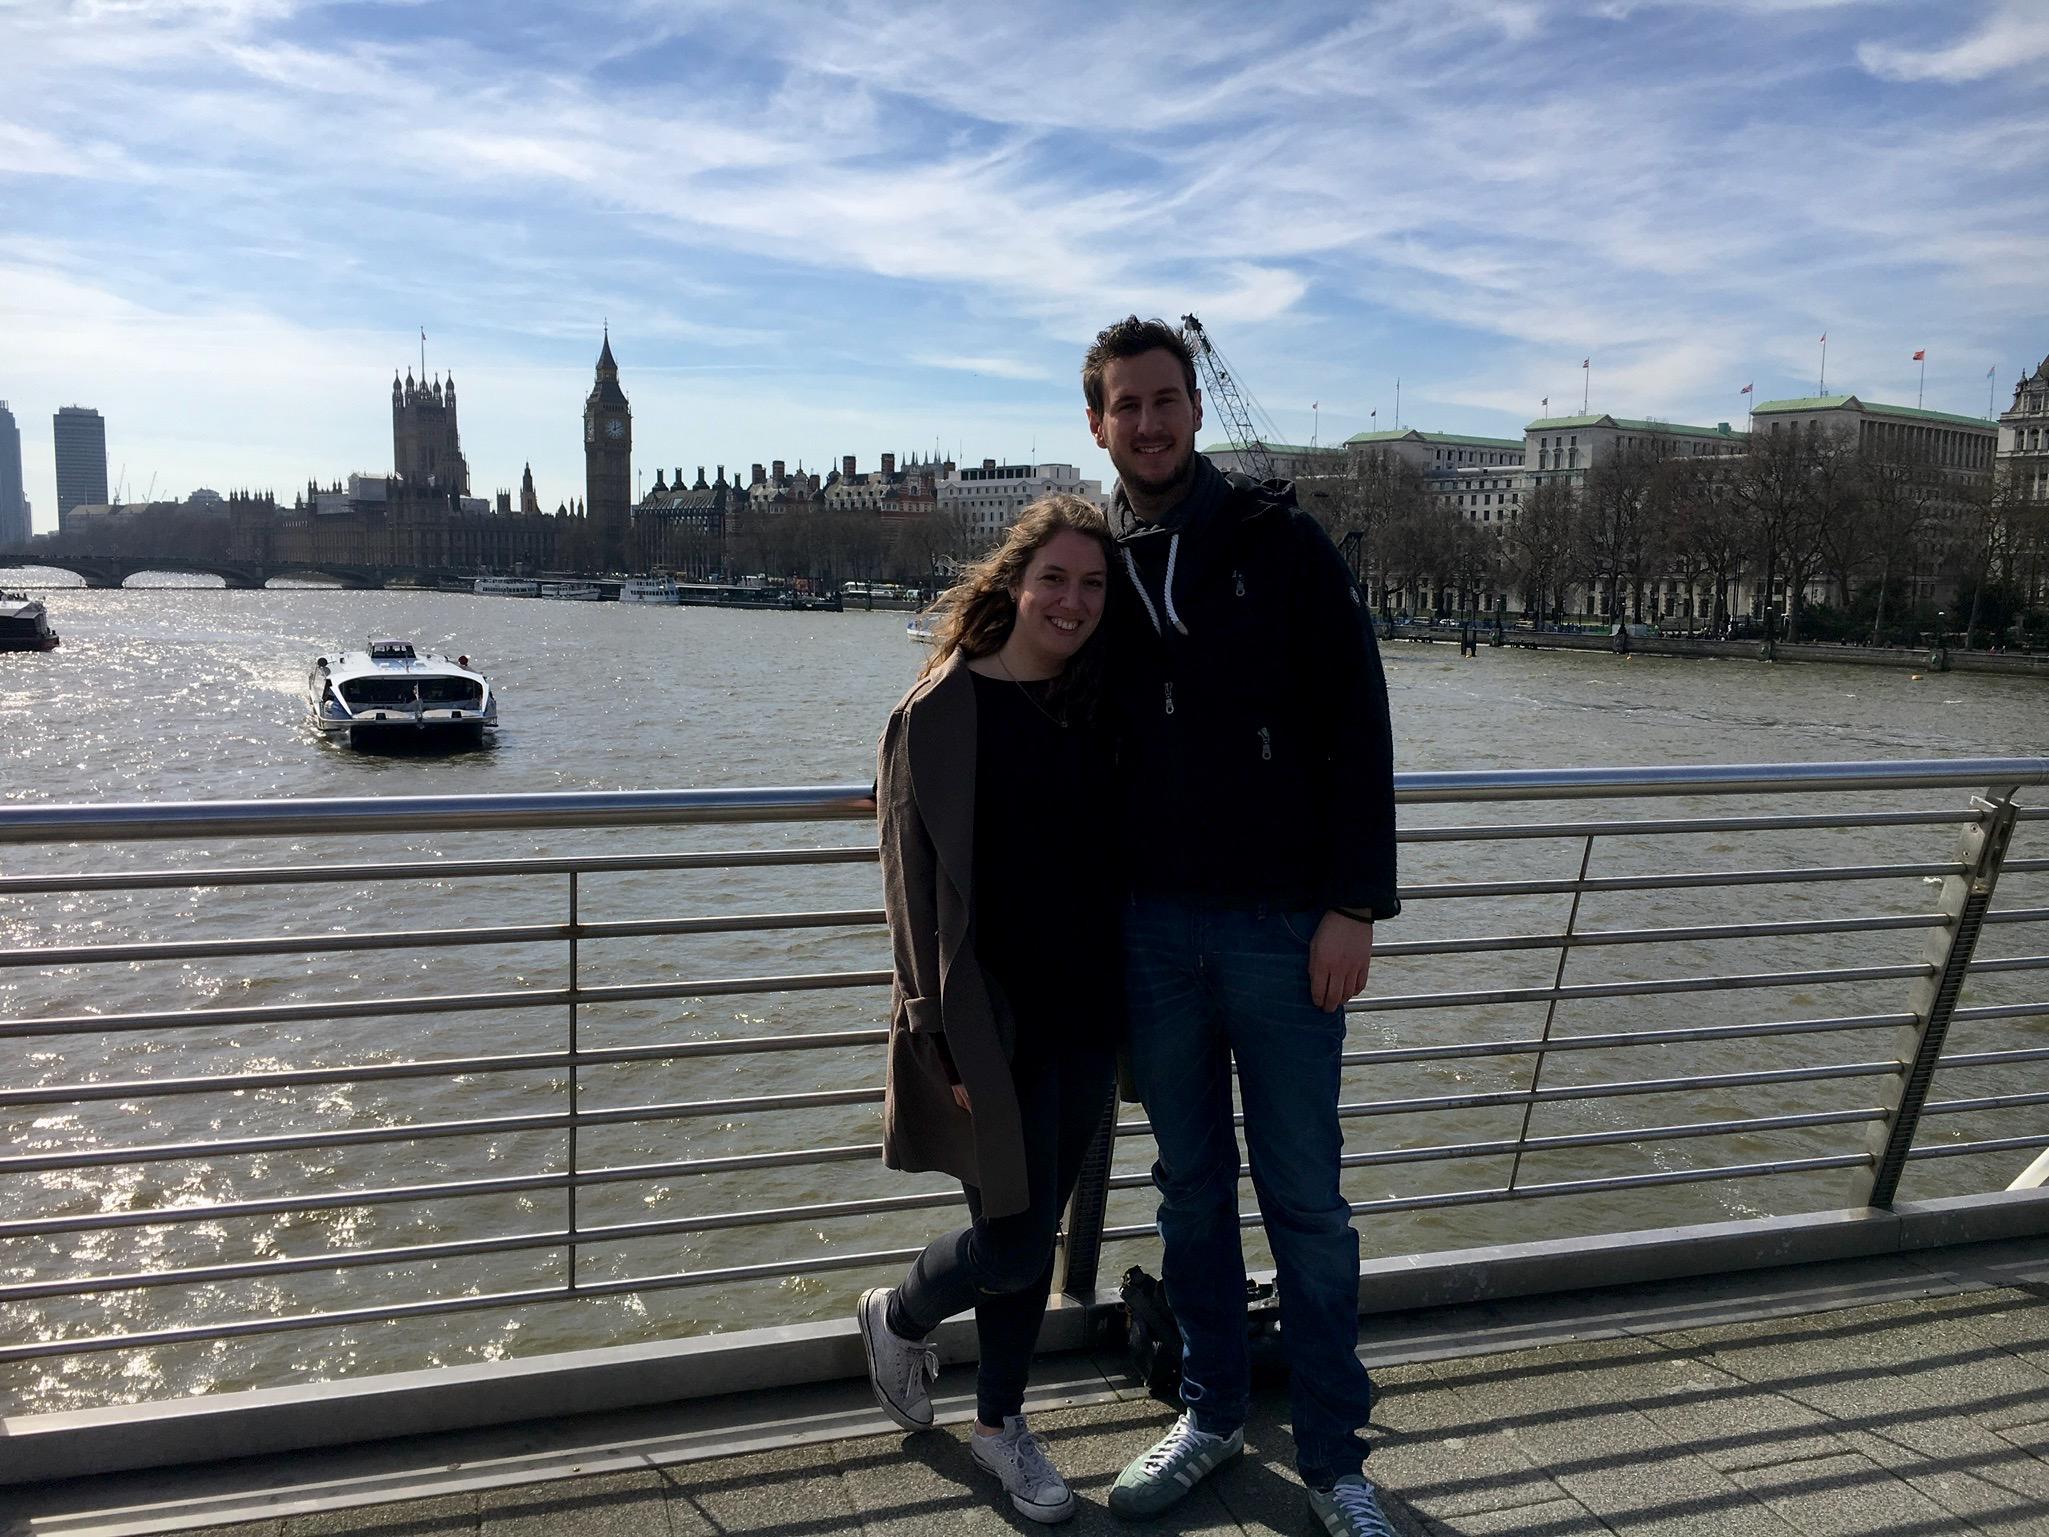 Free Walking Tour in London